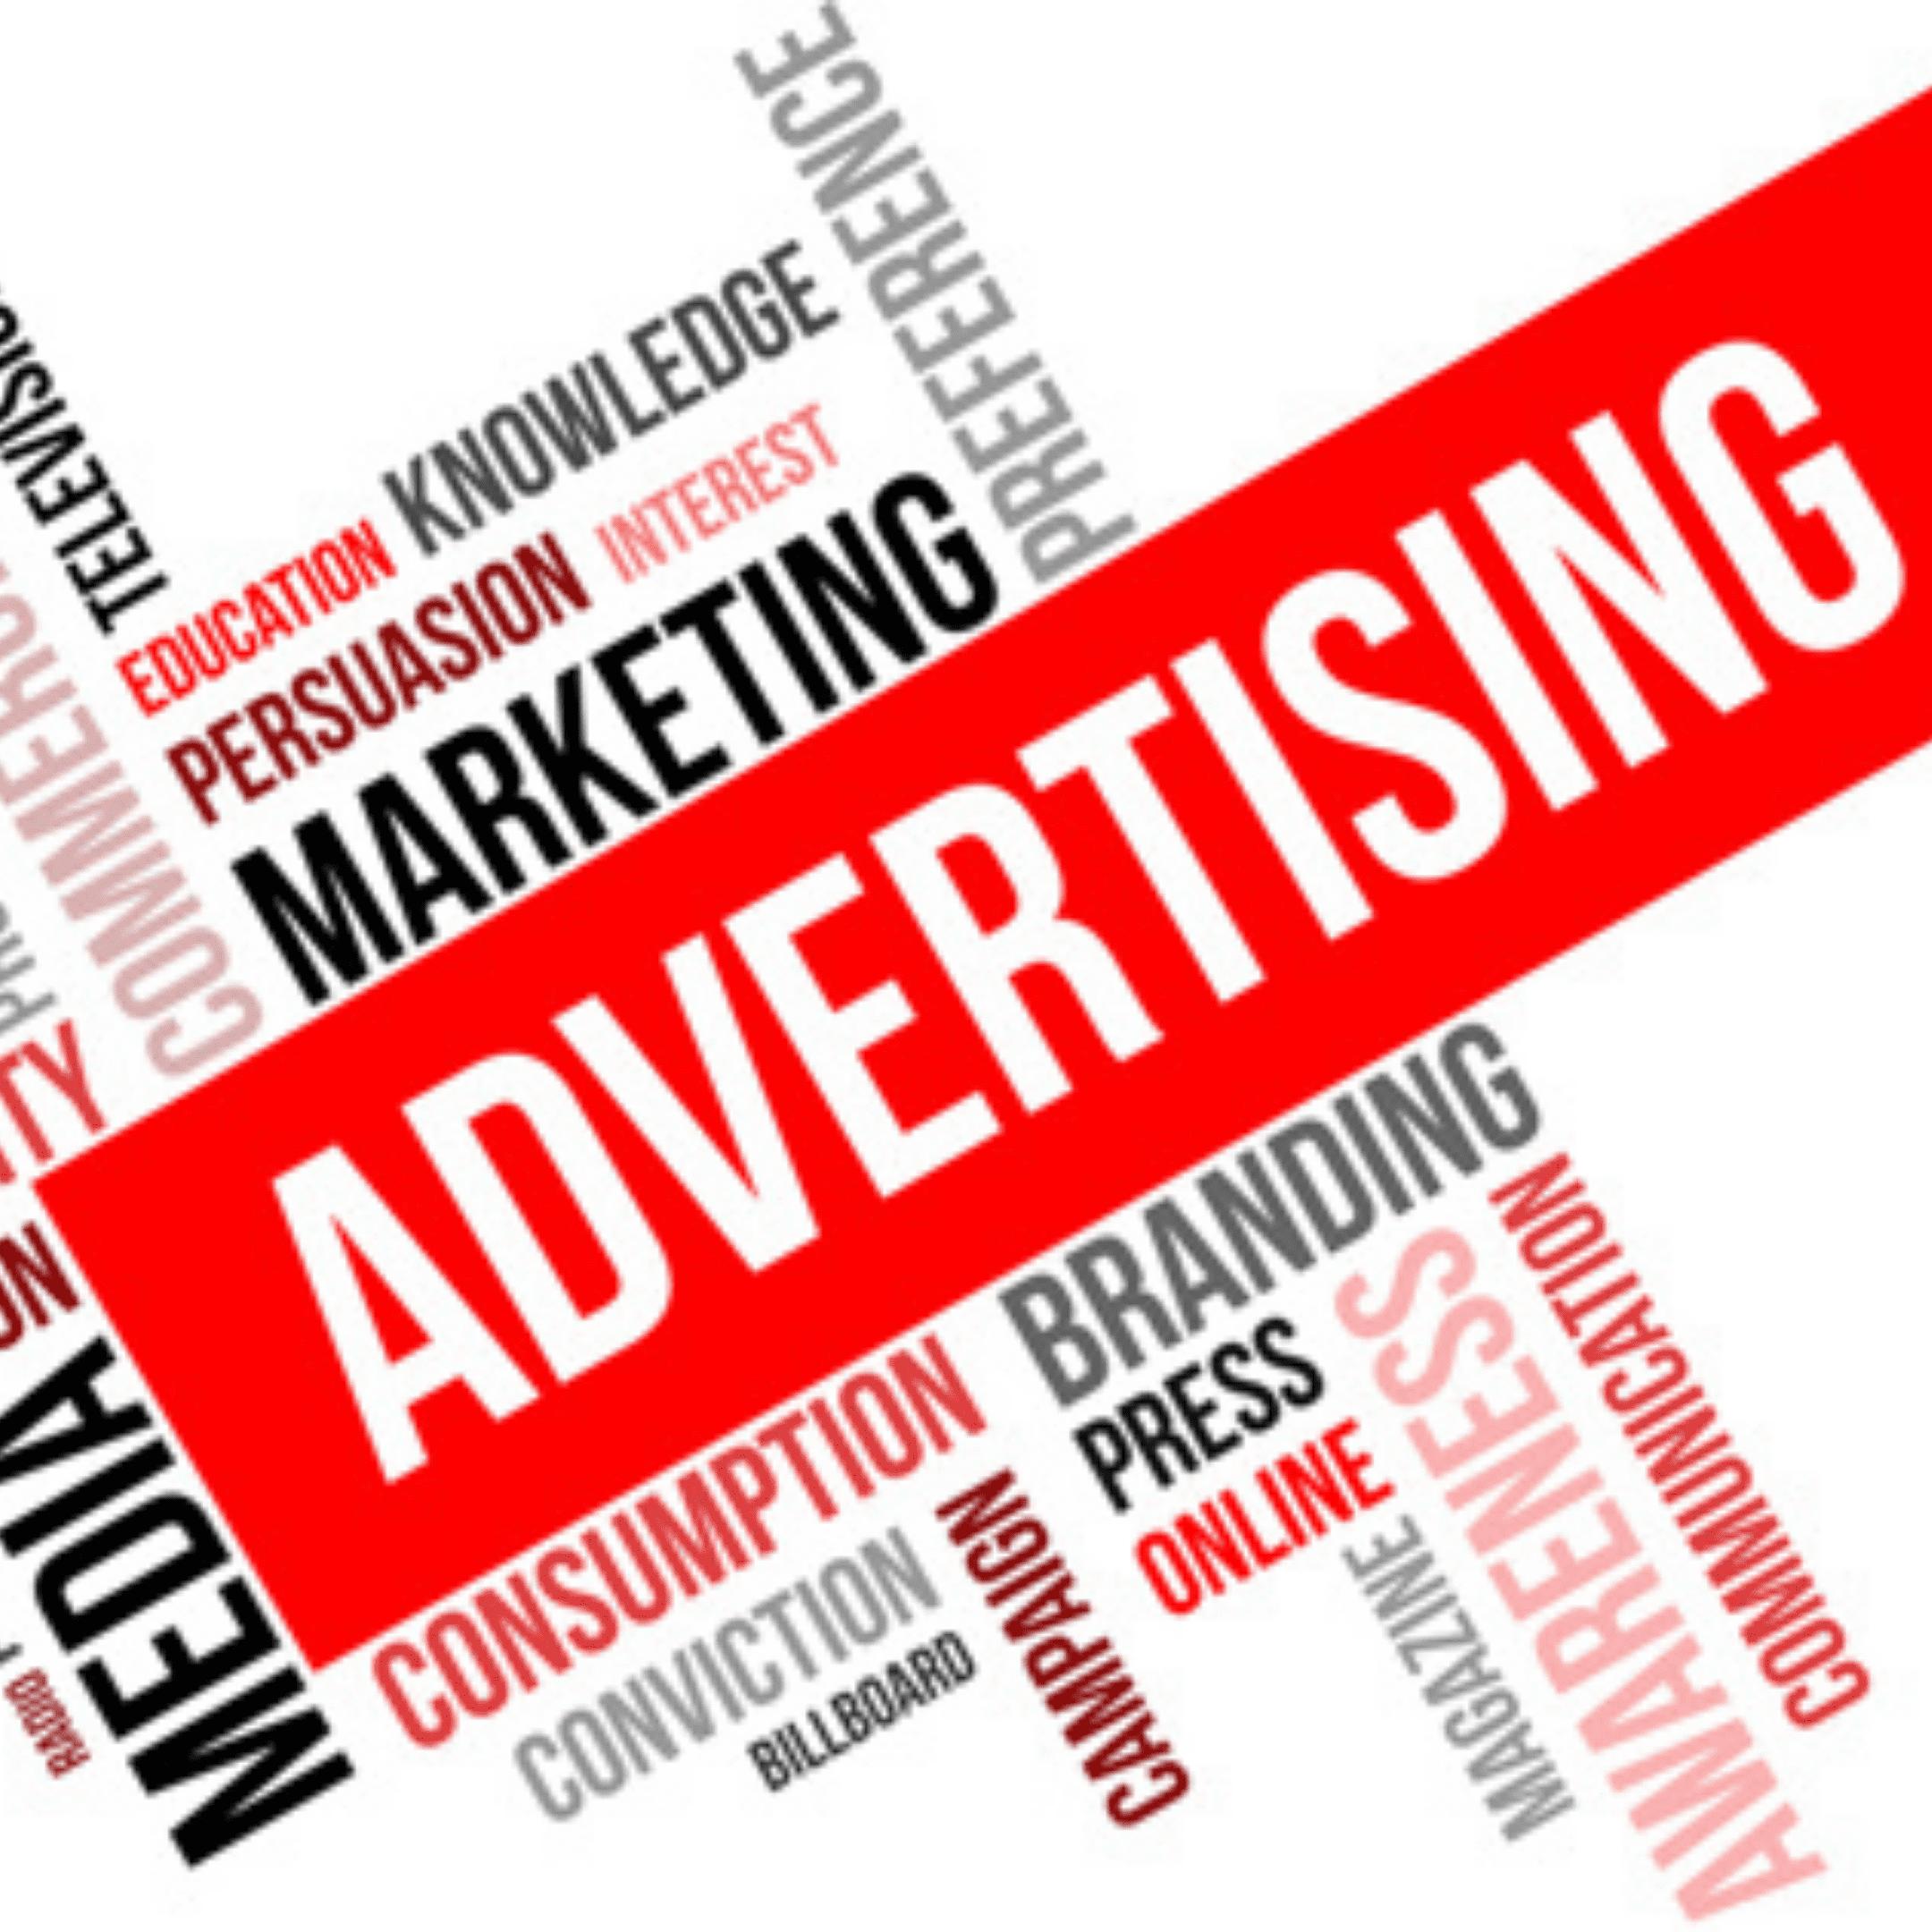 Advertising Volunteer